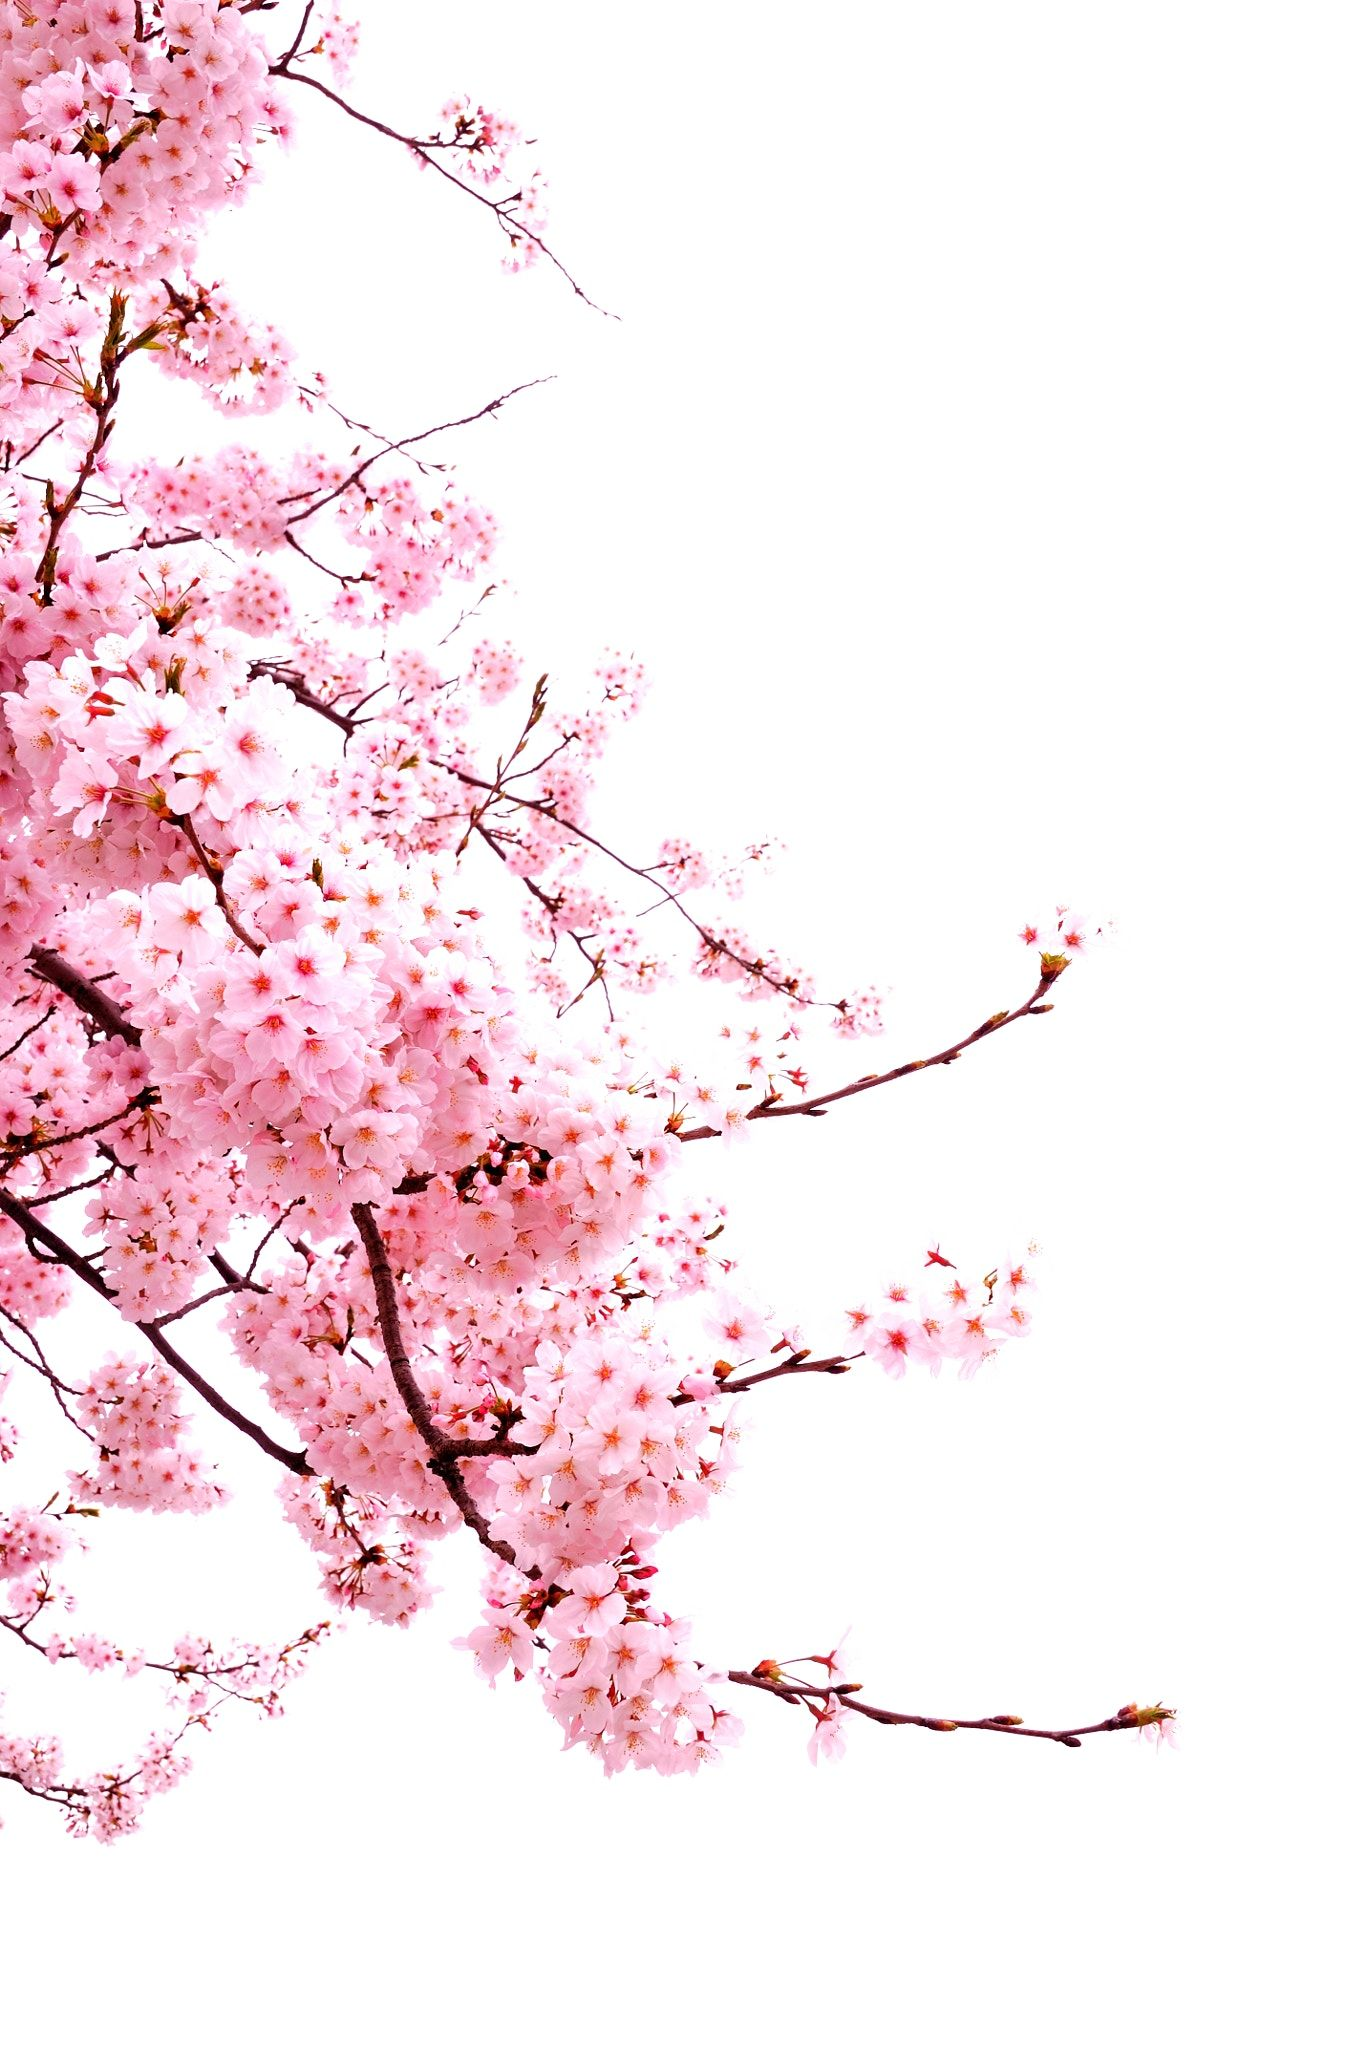 большинства обычных розовая сакура картинки на прозрачном фоне чтобы